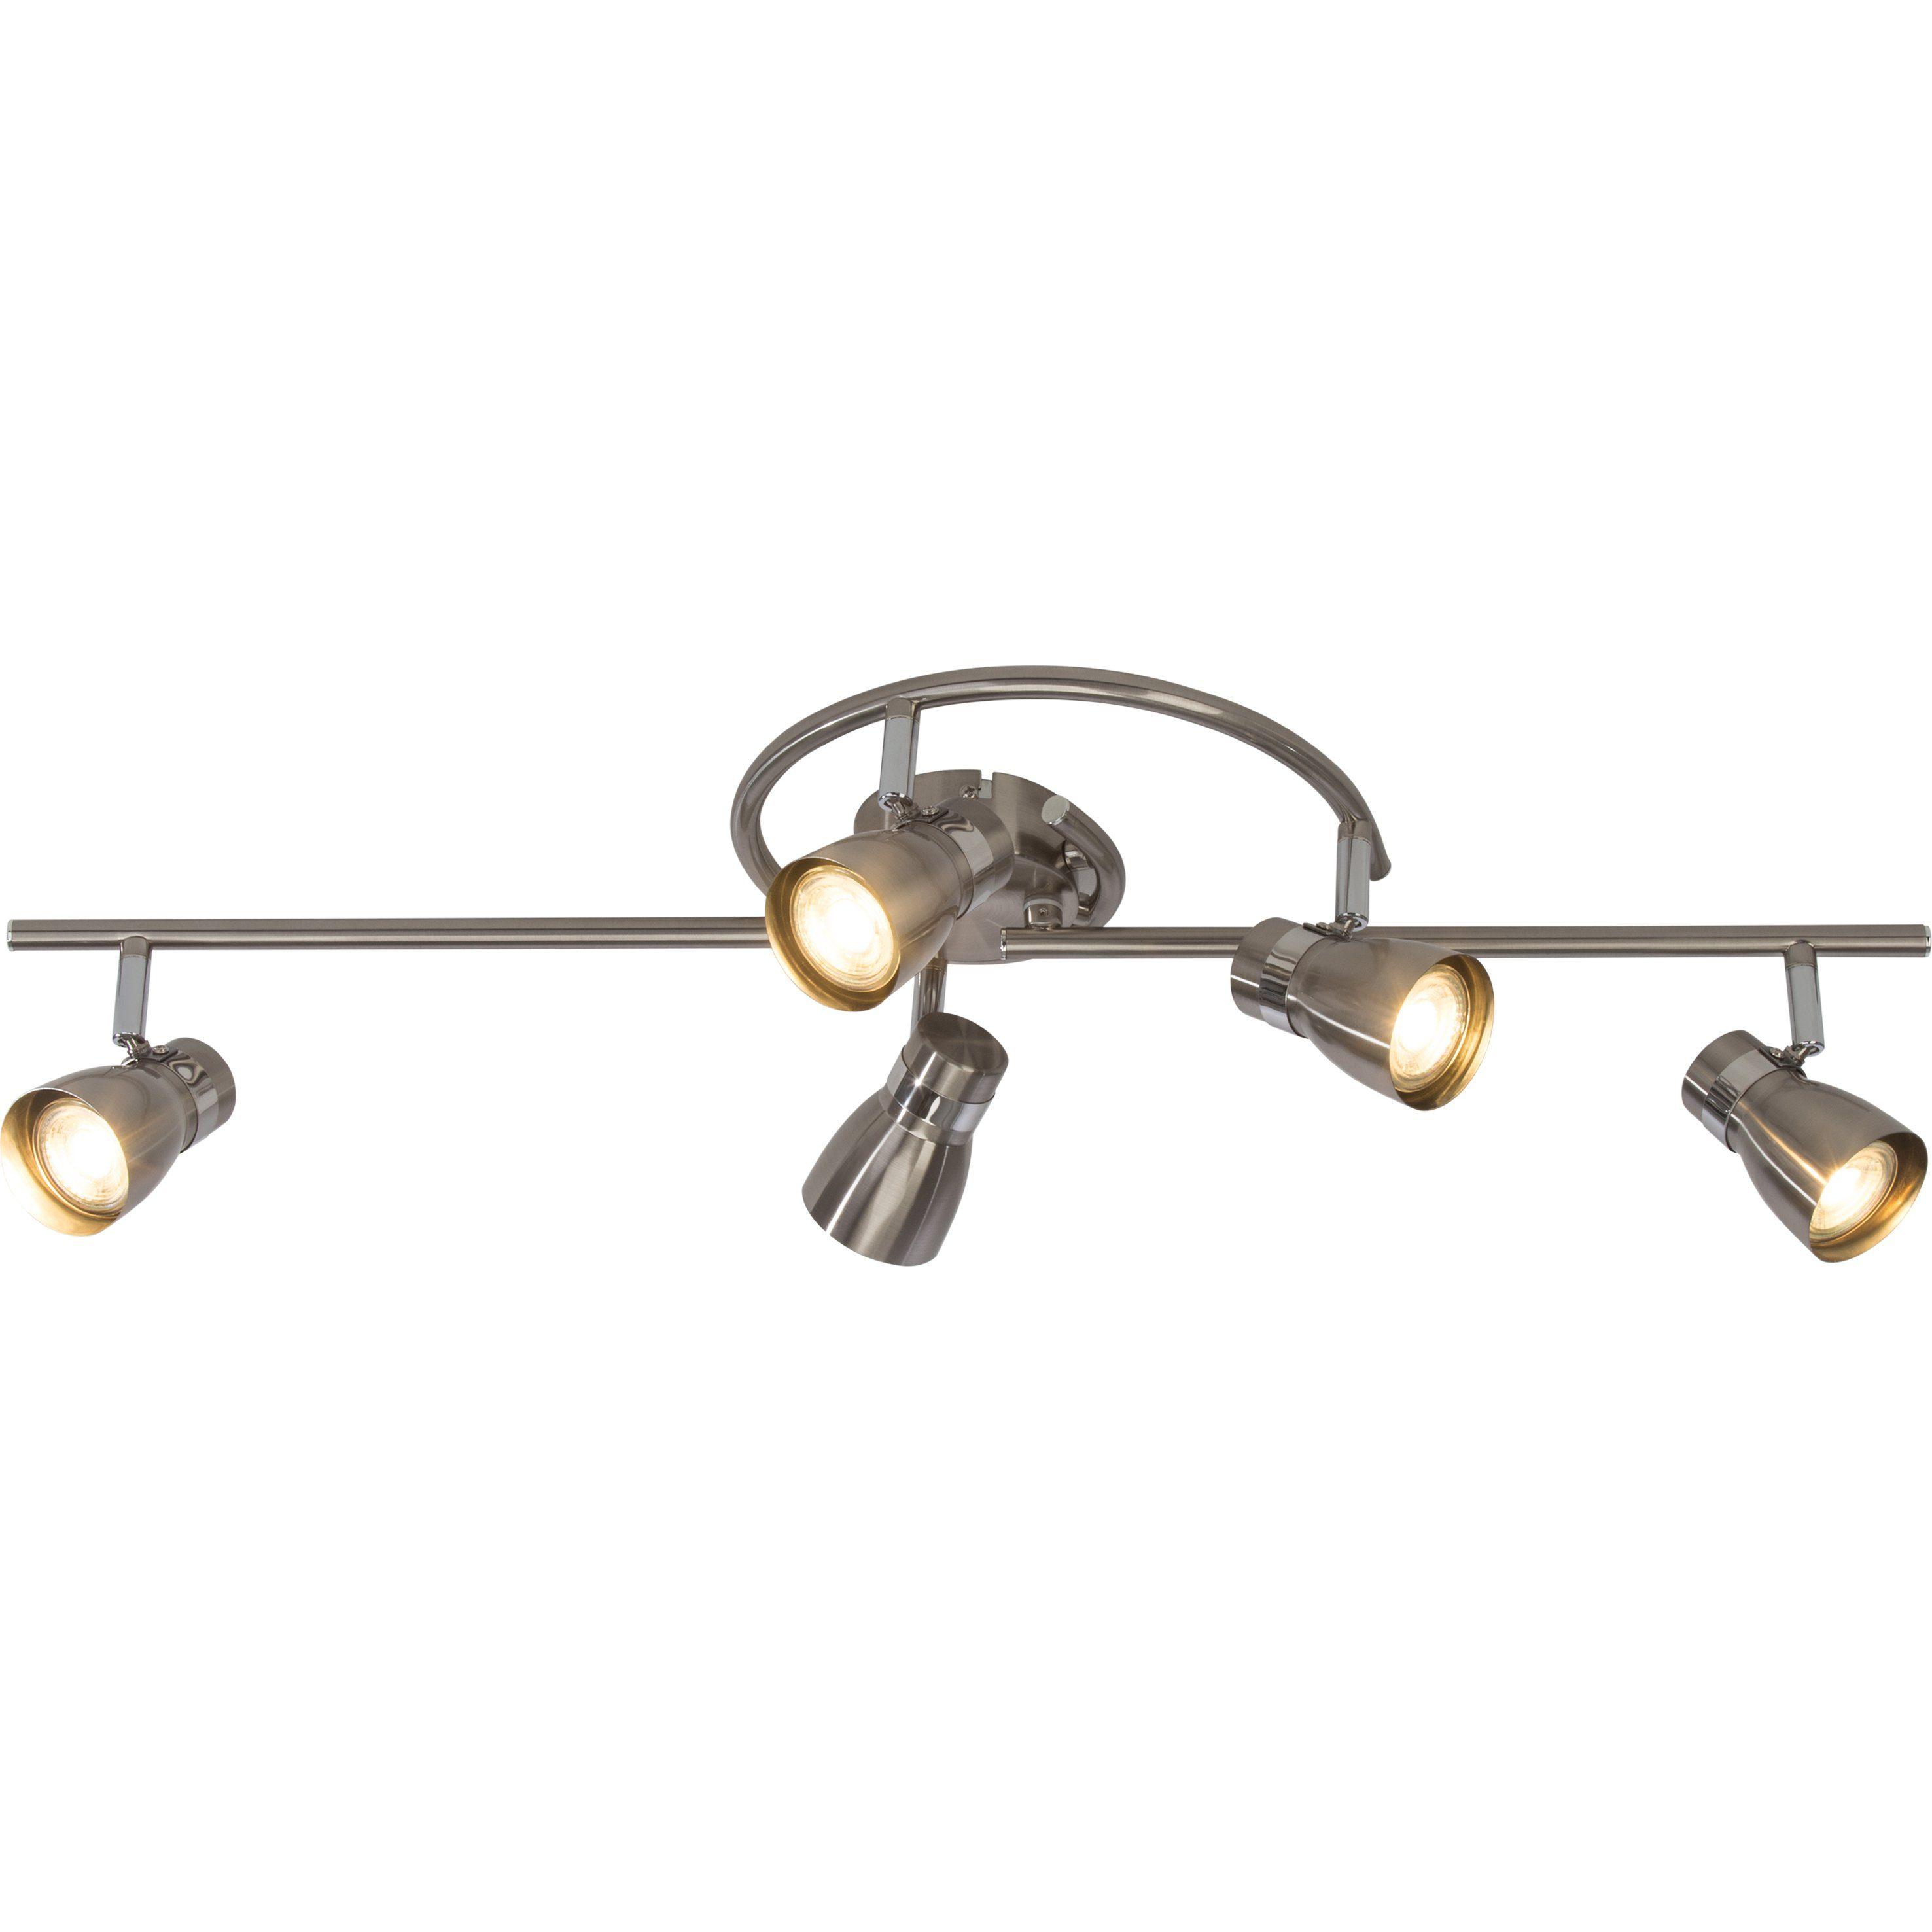 BreLight Mattie LED Deckenleuchte, 5-flammig eisen/chrom